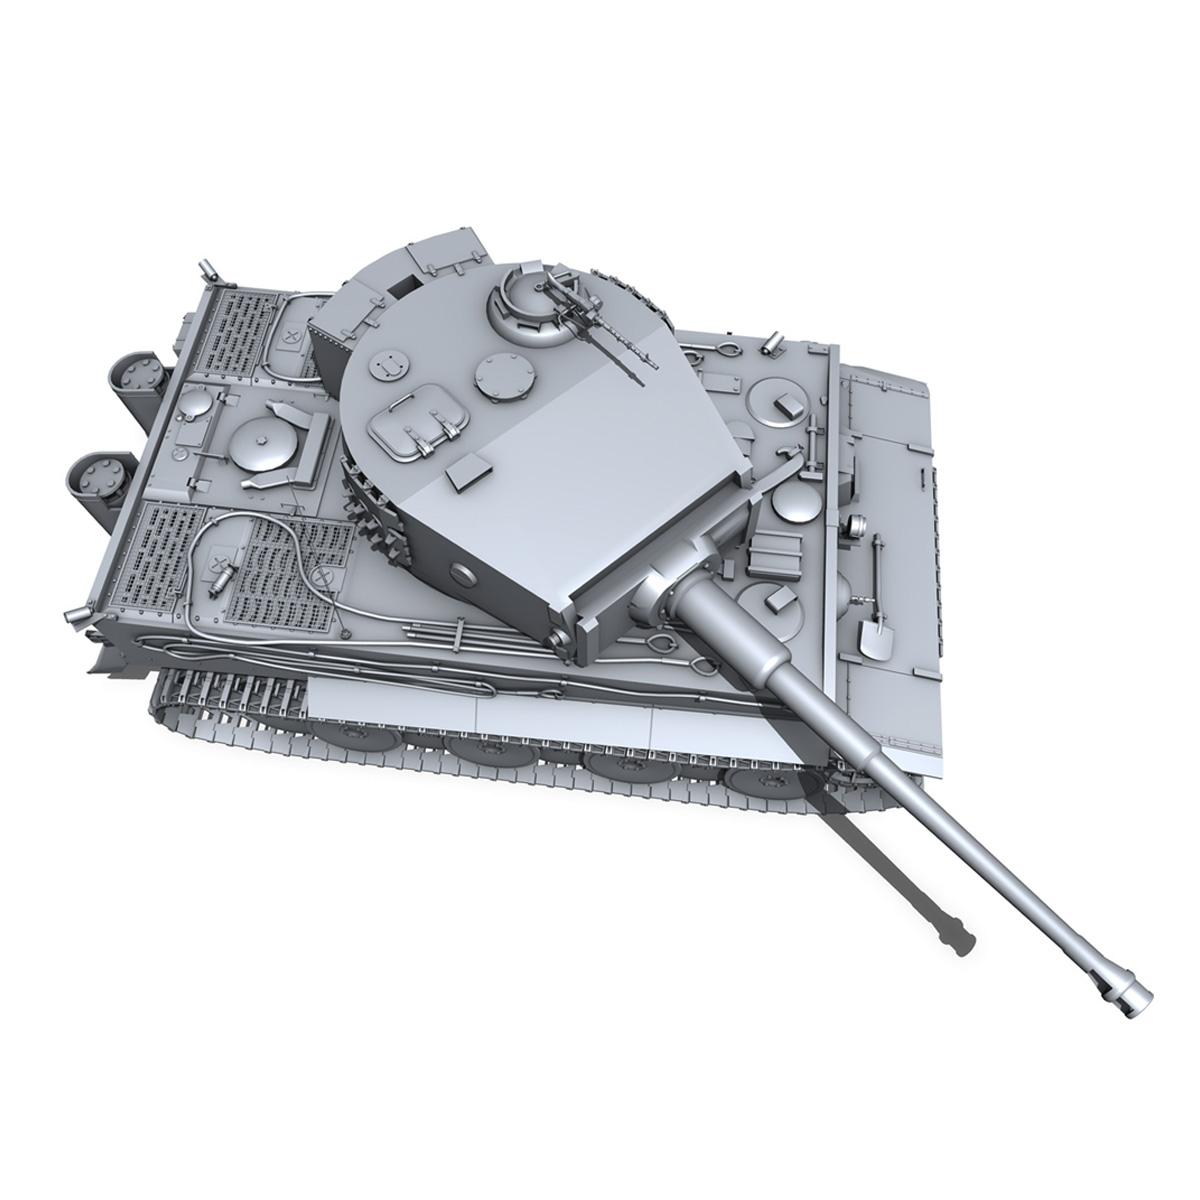 panzer vi – tiger – mid production 3d model 3ds fbx c4d lwo obj 202298